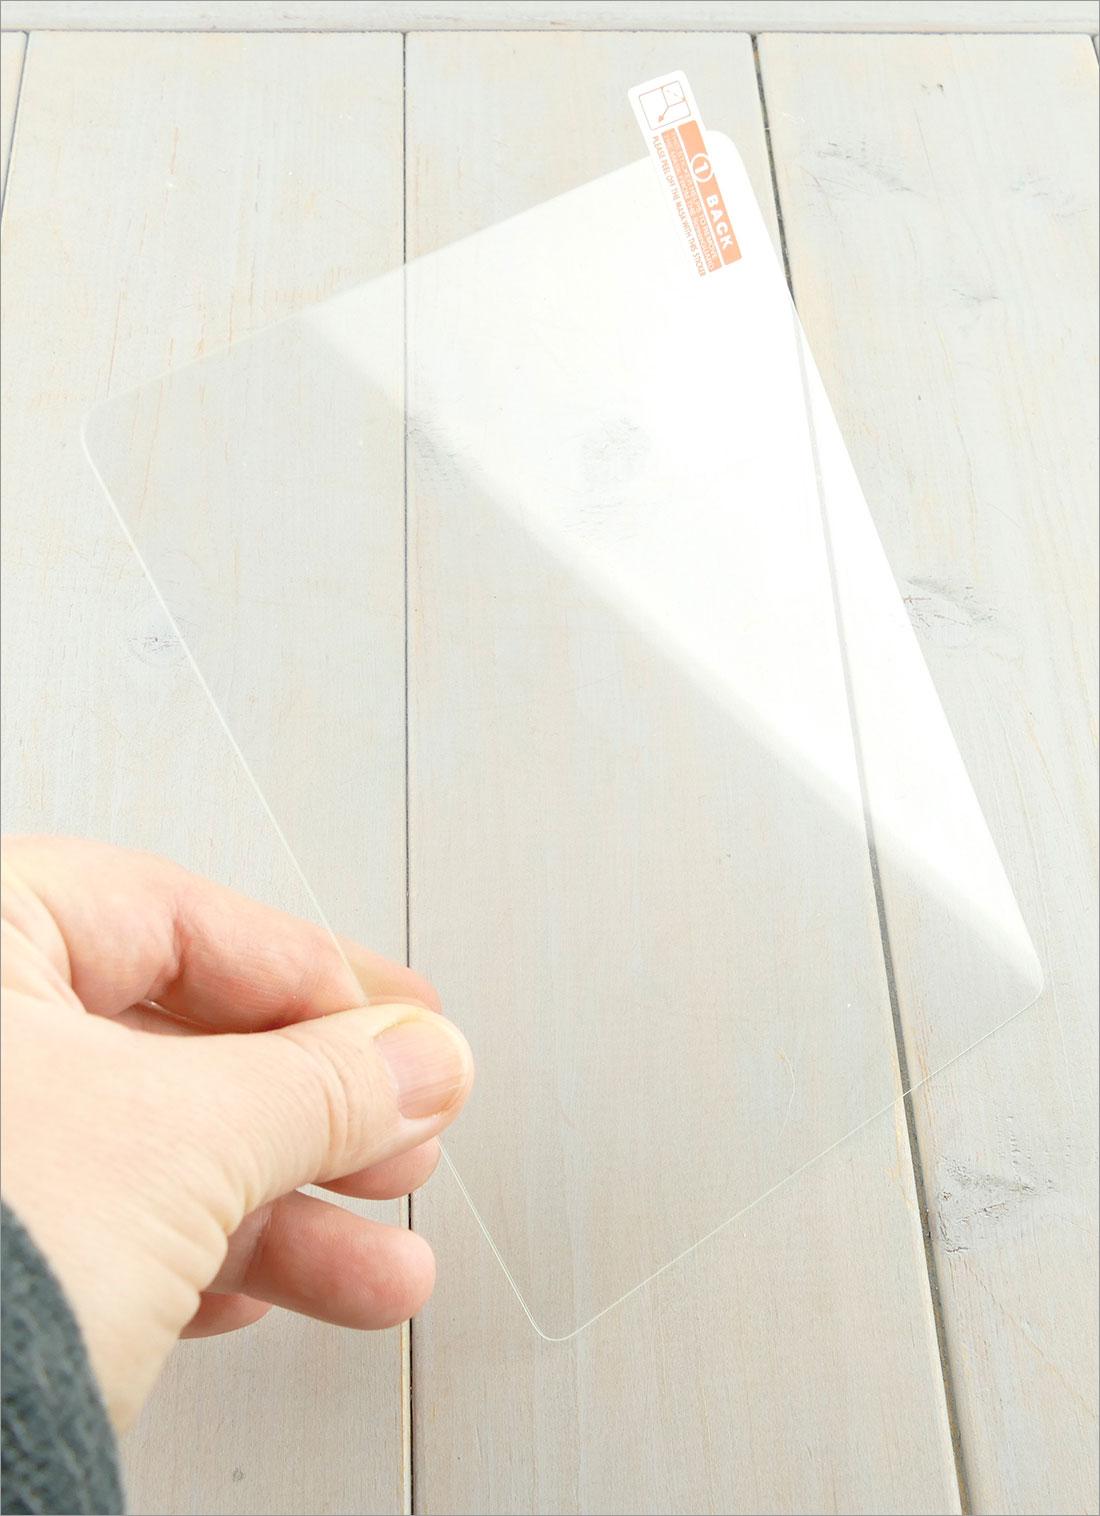 Szkło hartowane w dłoniach - Amazon Kindle Paperwhite 2018